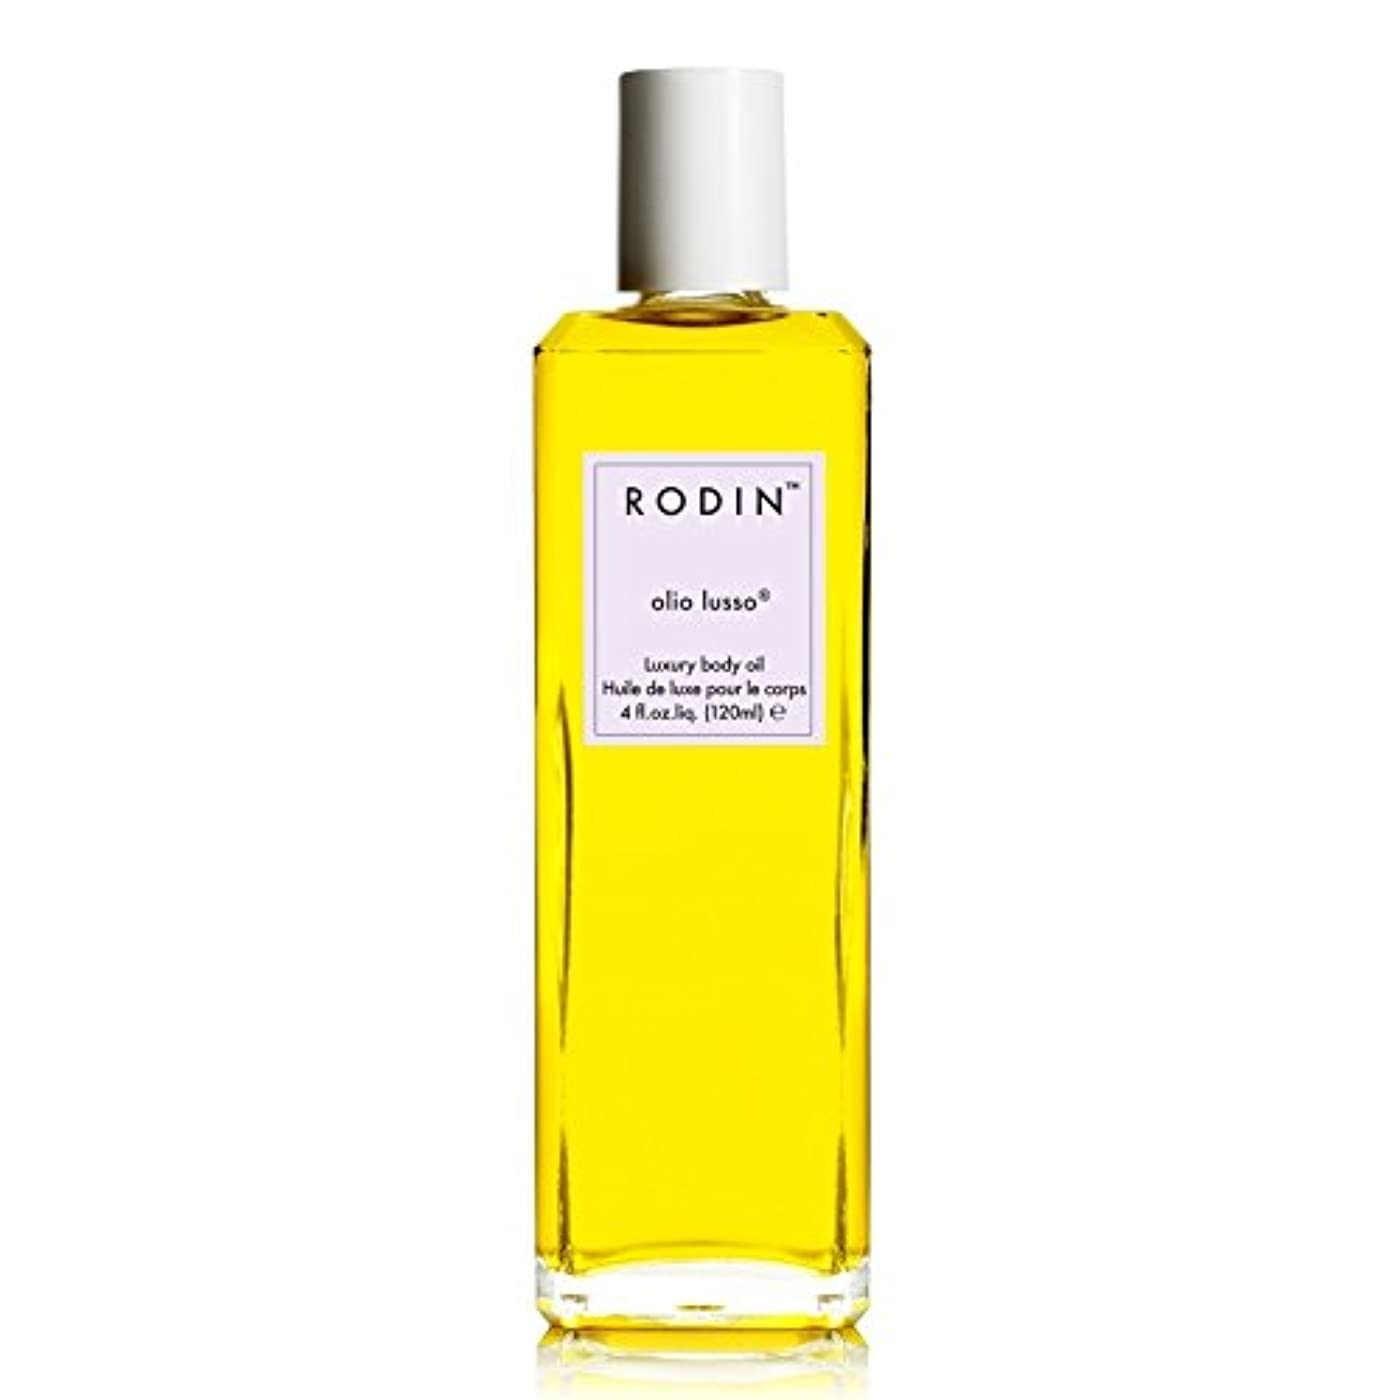 の頭の上サービス熟すロダンルッソラベンダー絶対贅沢なボディオイル30ミリリットル x2 - RODIN olio lusso Lavender Absolute Luxury Body Oil 30ml (Pack of 2) [並行輸入品]